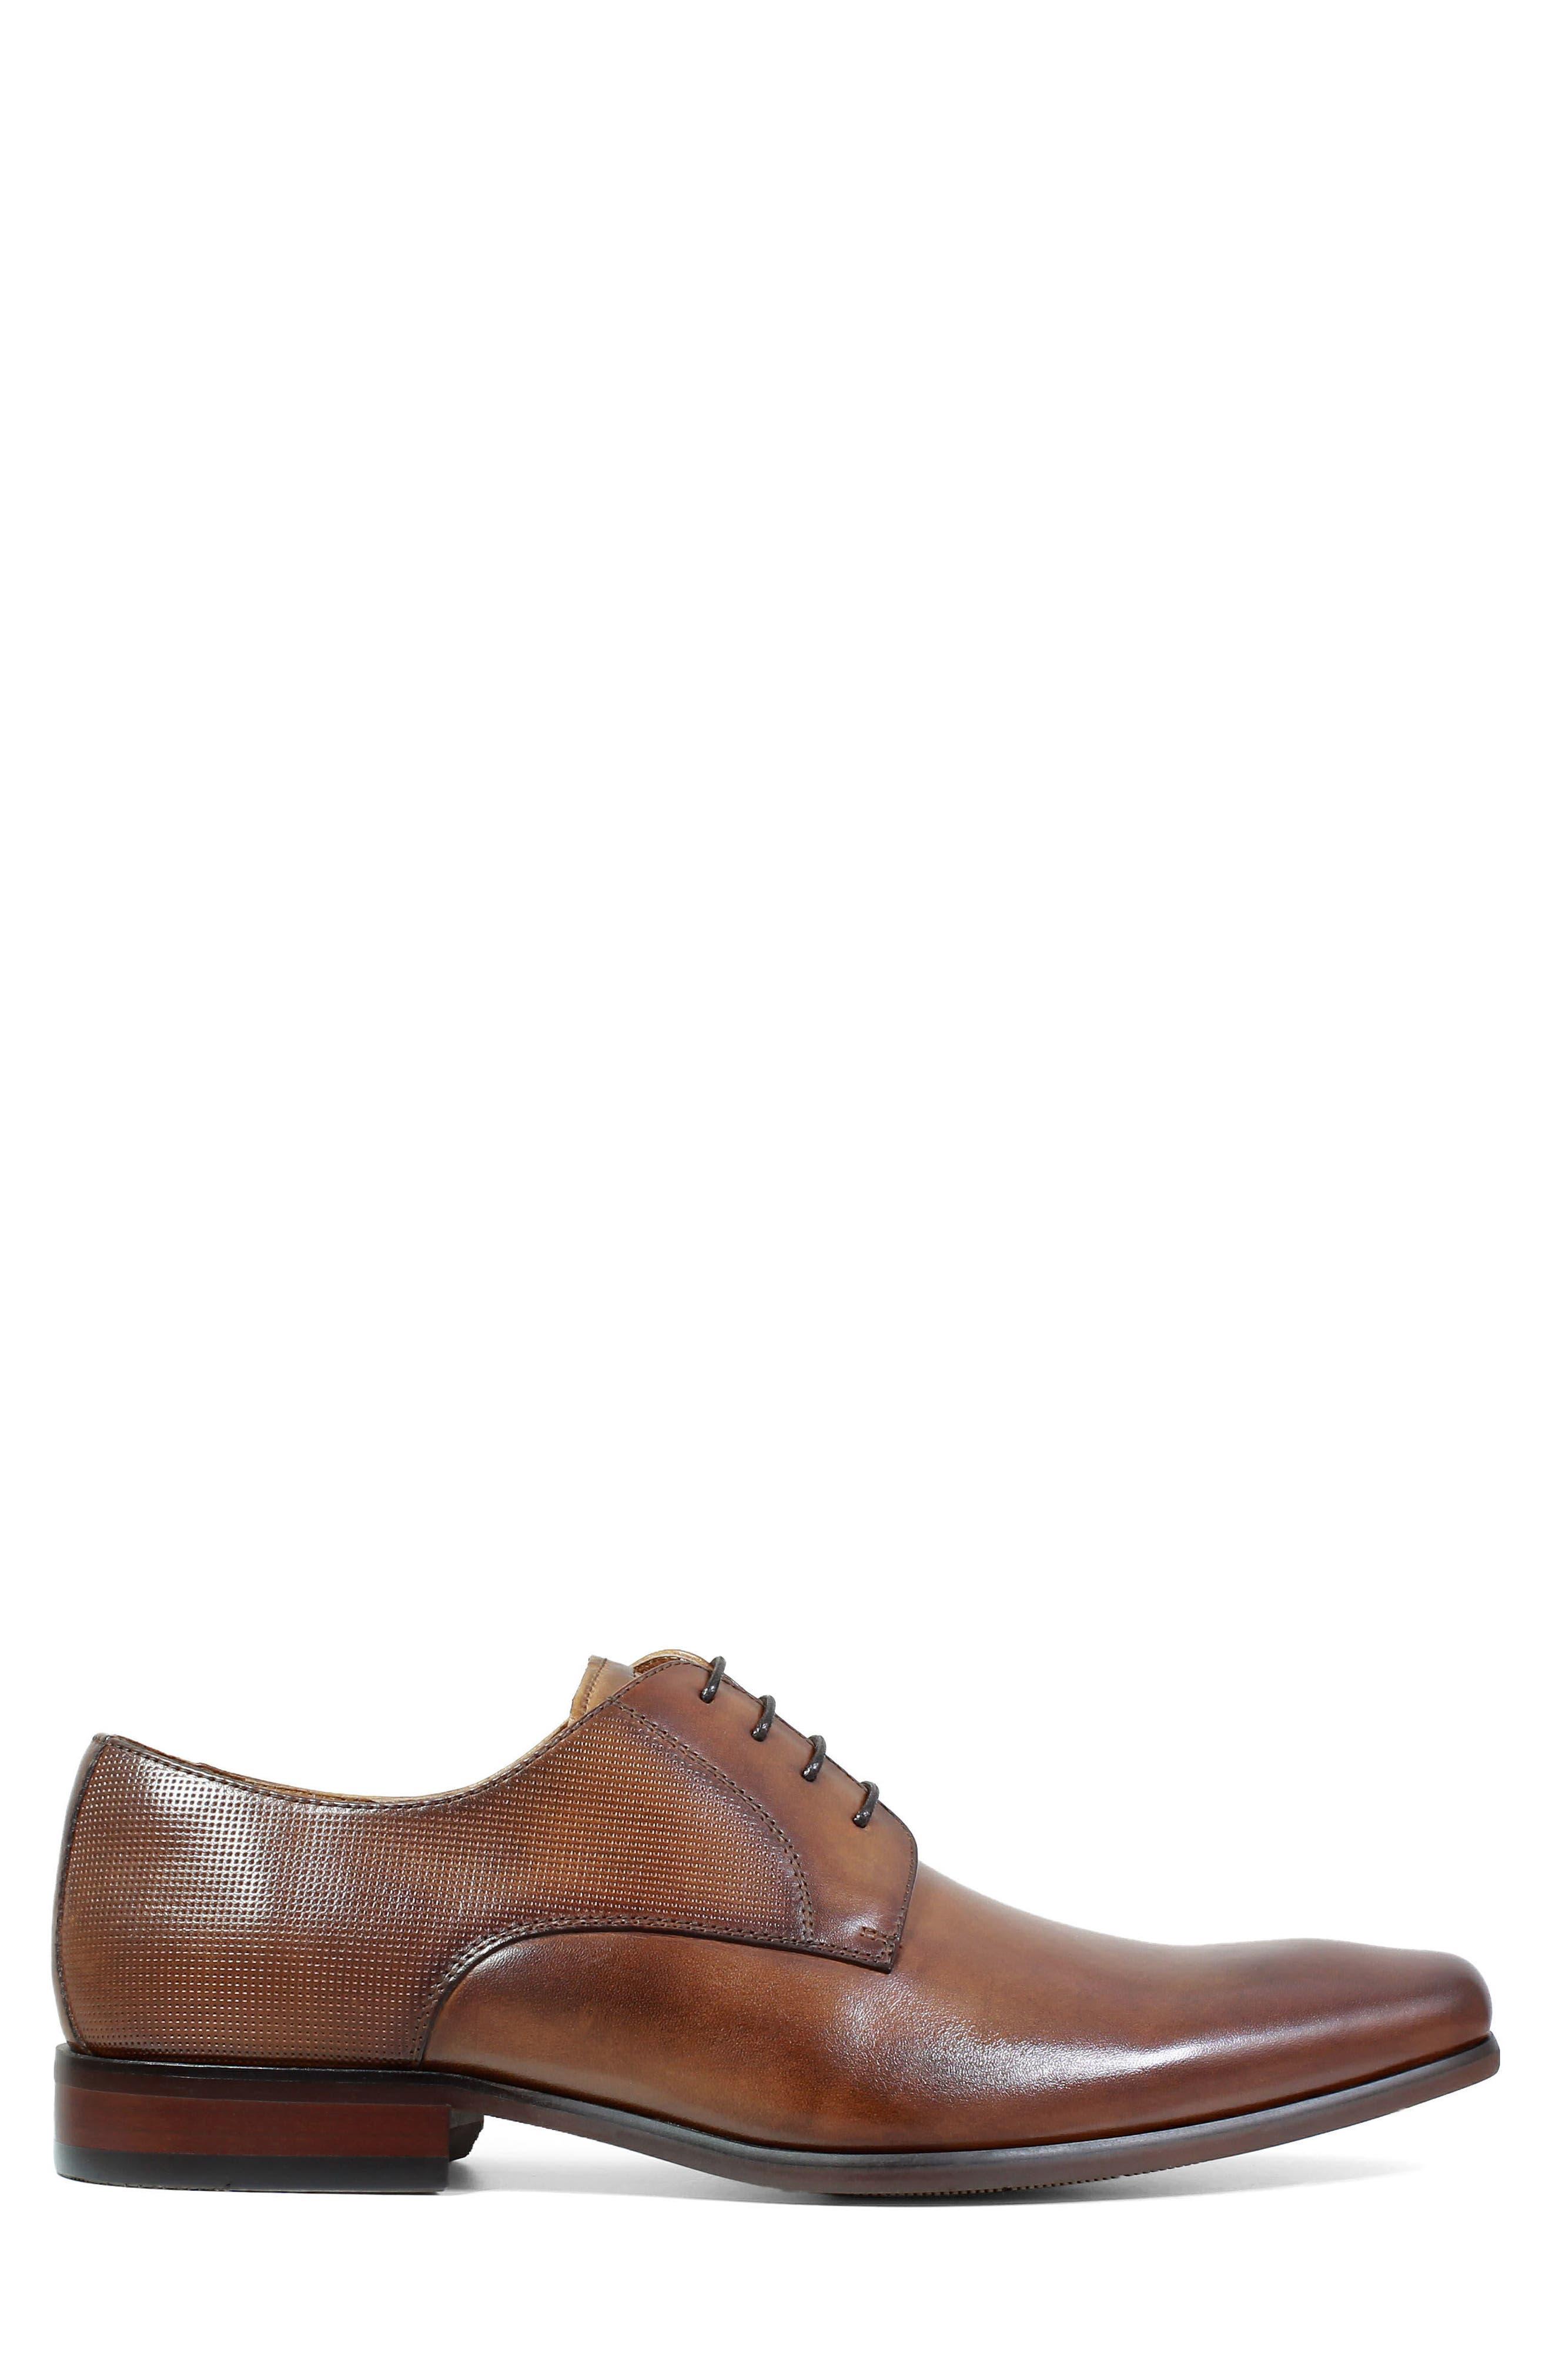 FLORSHEIM,                             Postino Textured Plain Toe Derby,                             Alternate thumbnail 3, color,                             COGNAC LEATHER